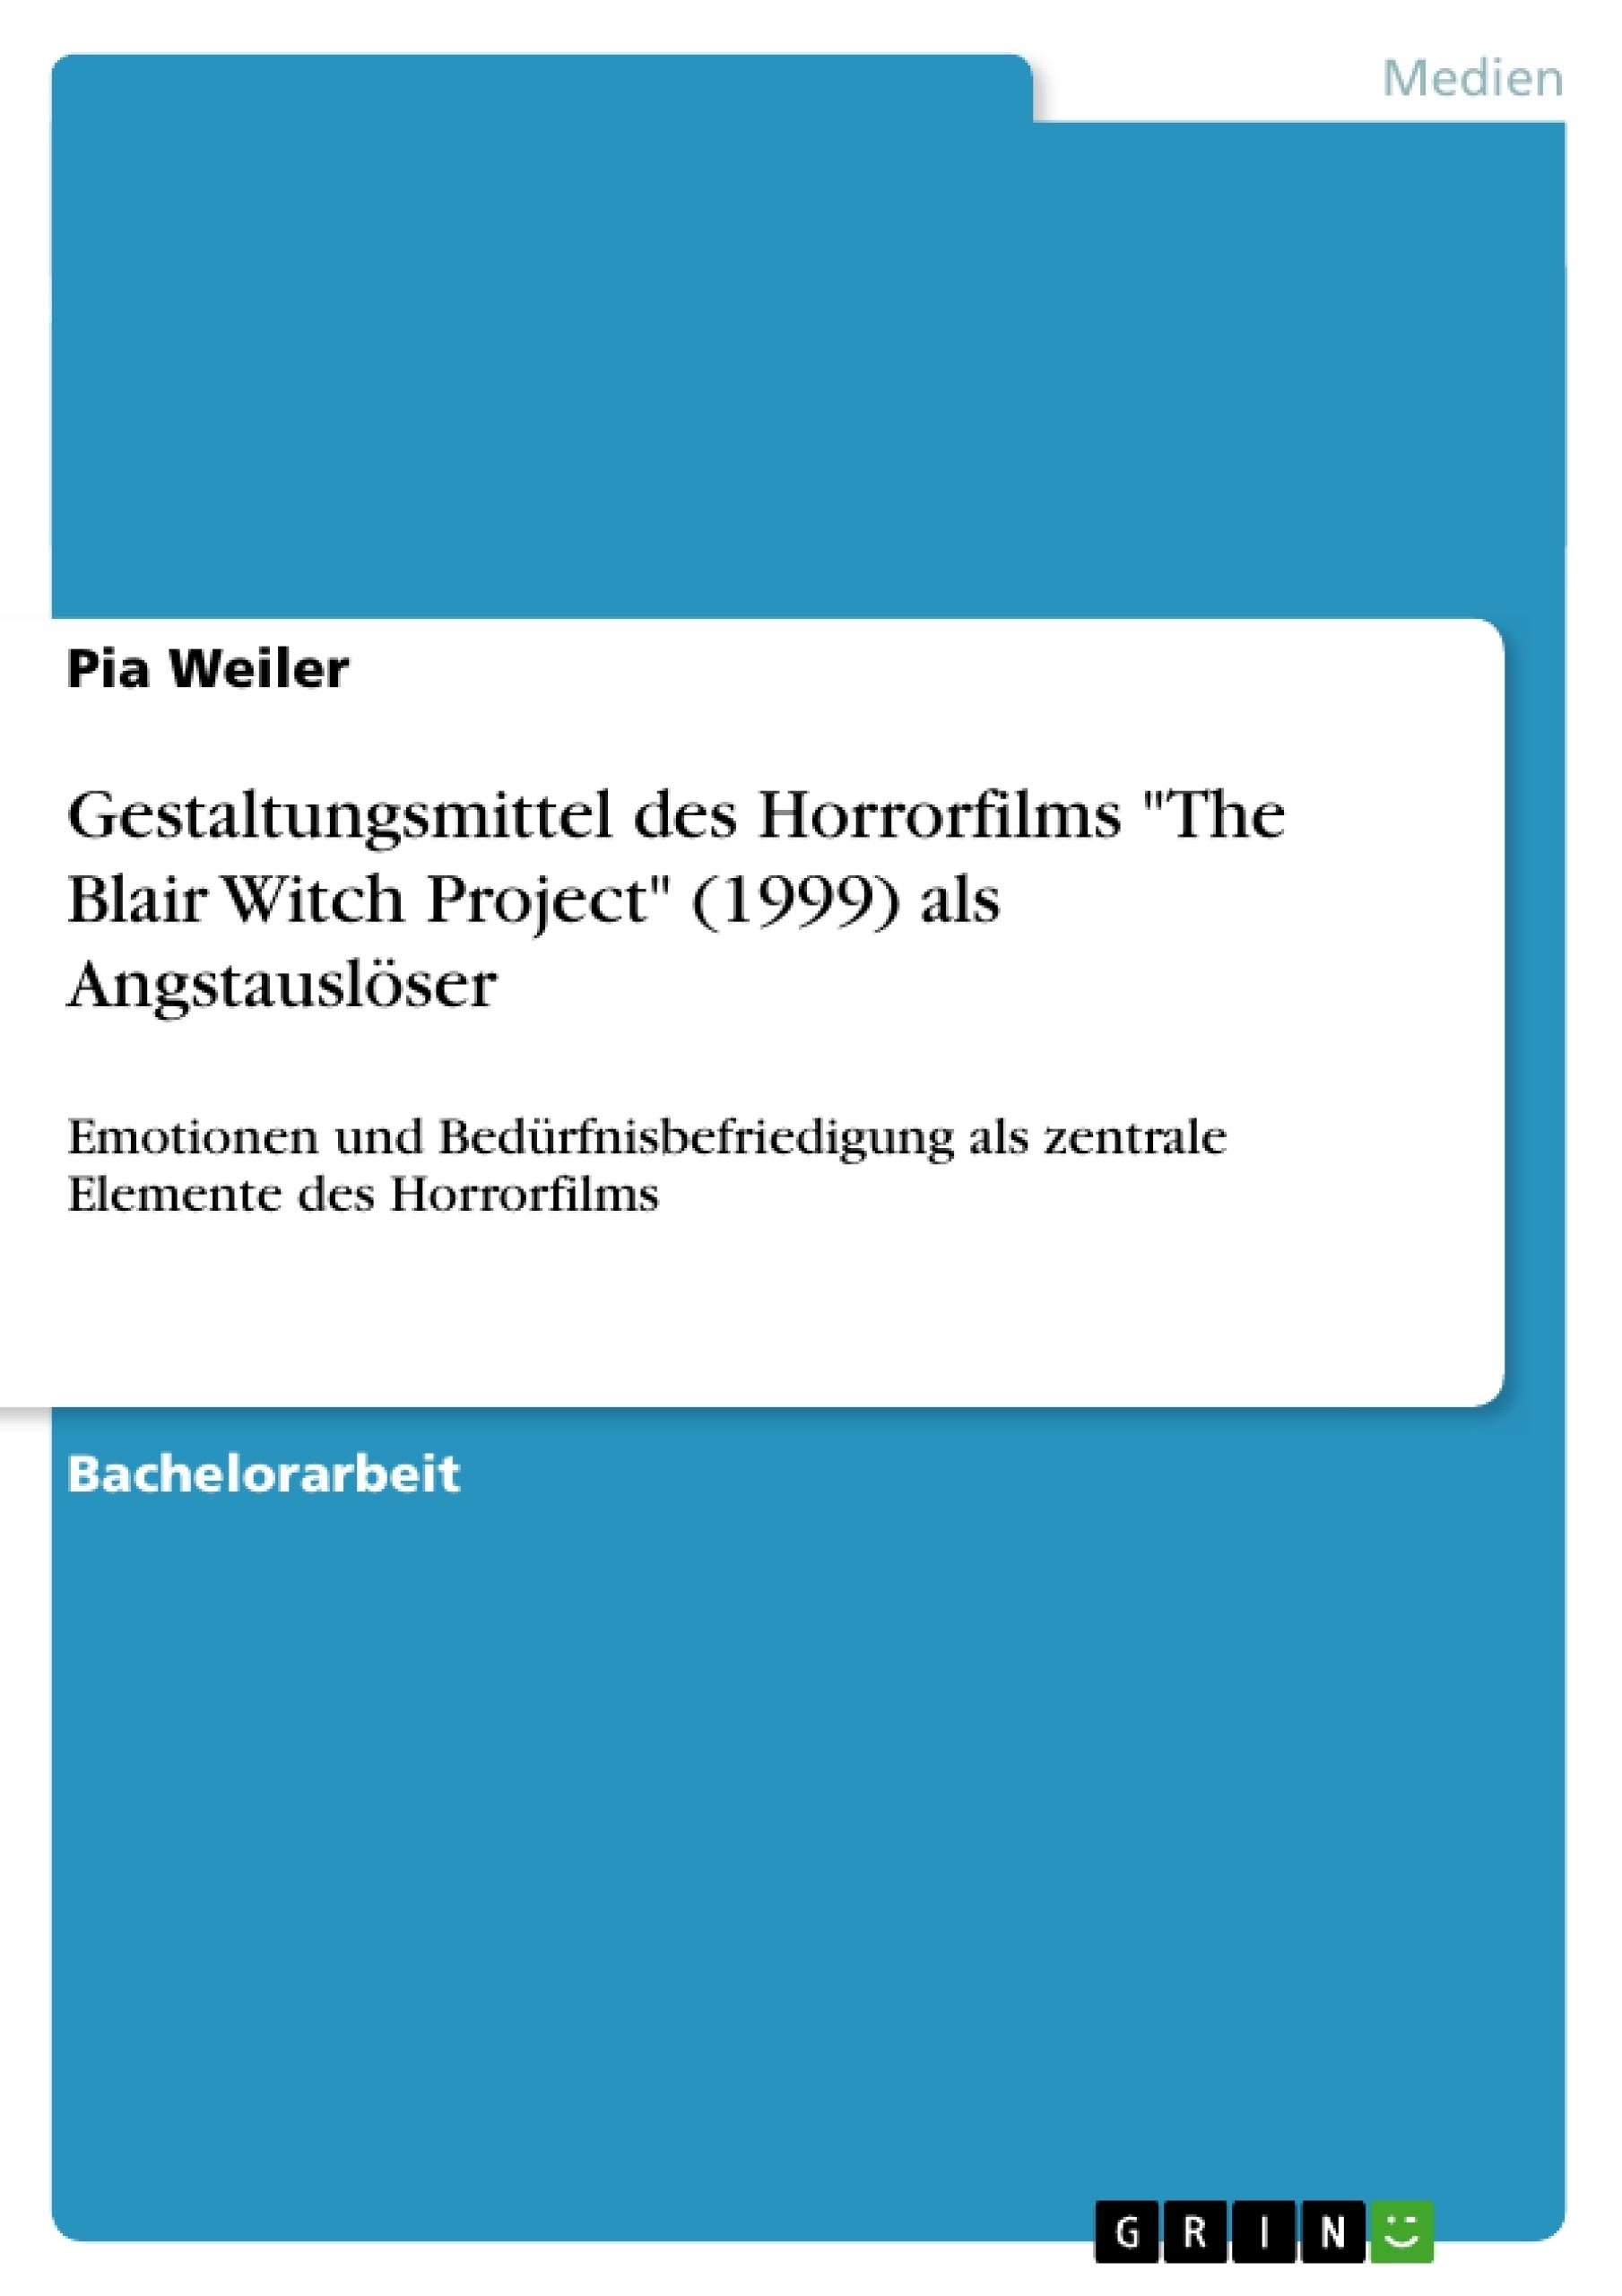 """Titel: Gestaltungsmittel des Horrorfilms """"The Blair Witch Project"""" (1999) als Angstauslöser"""